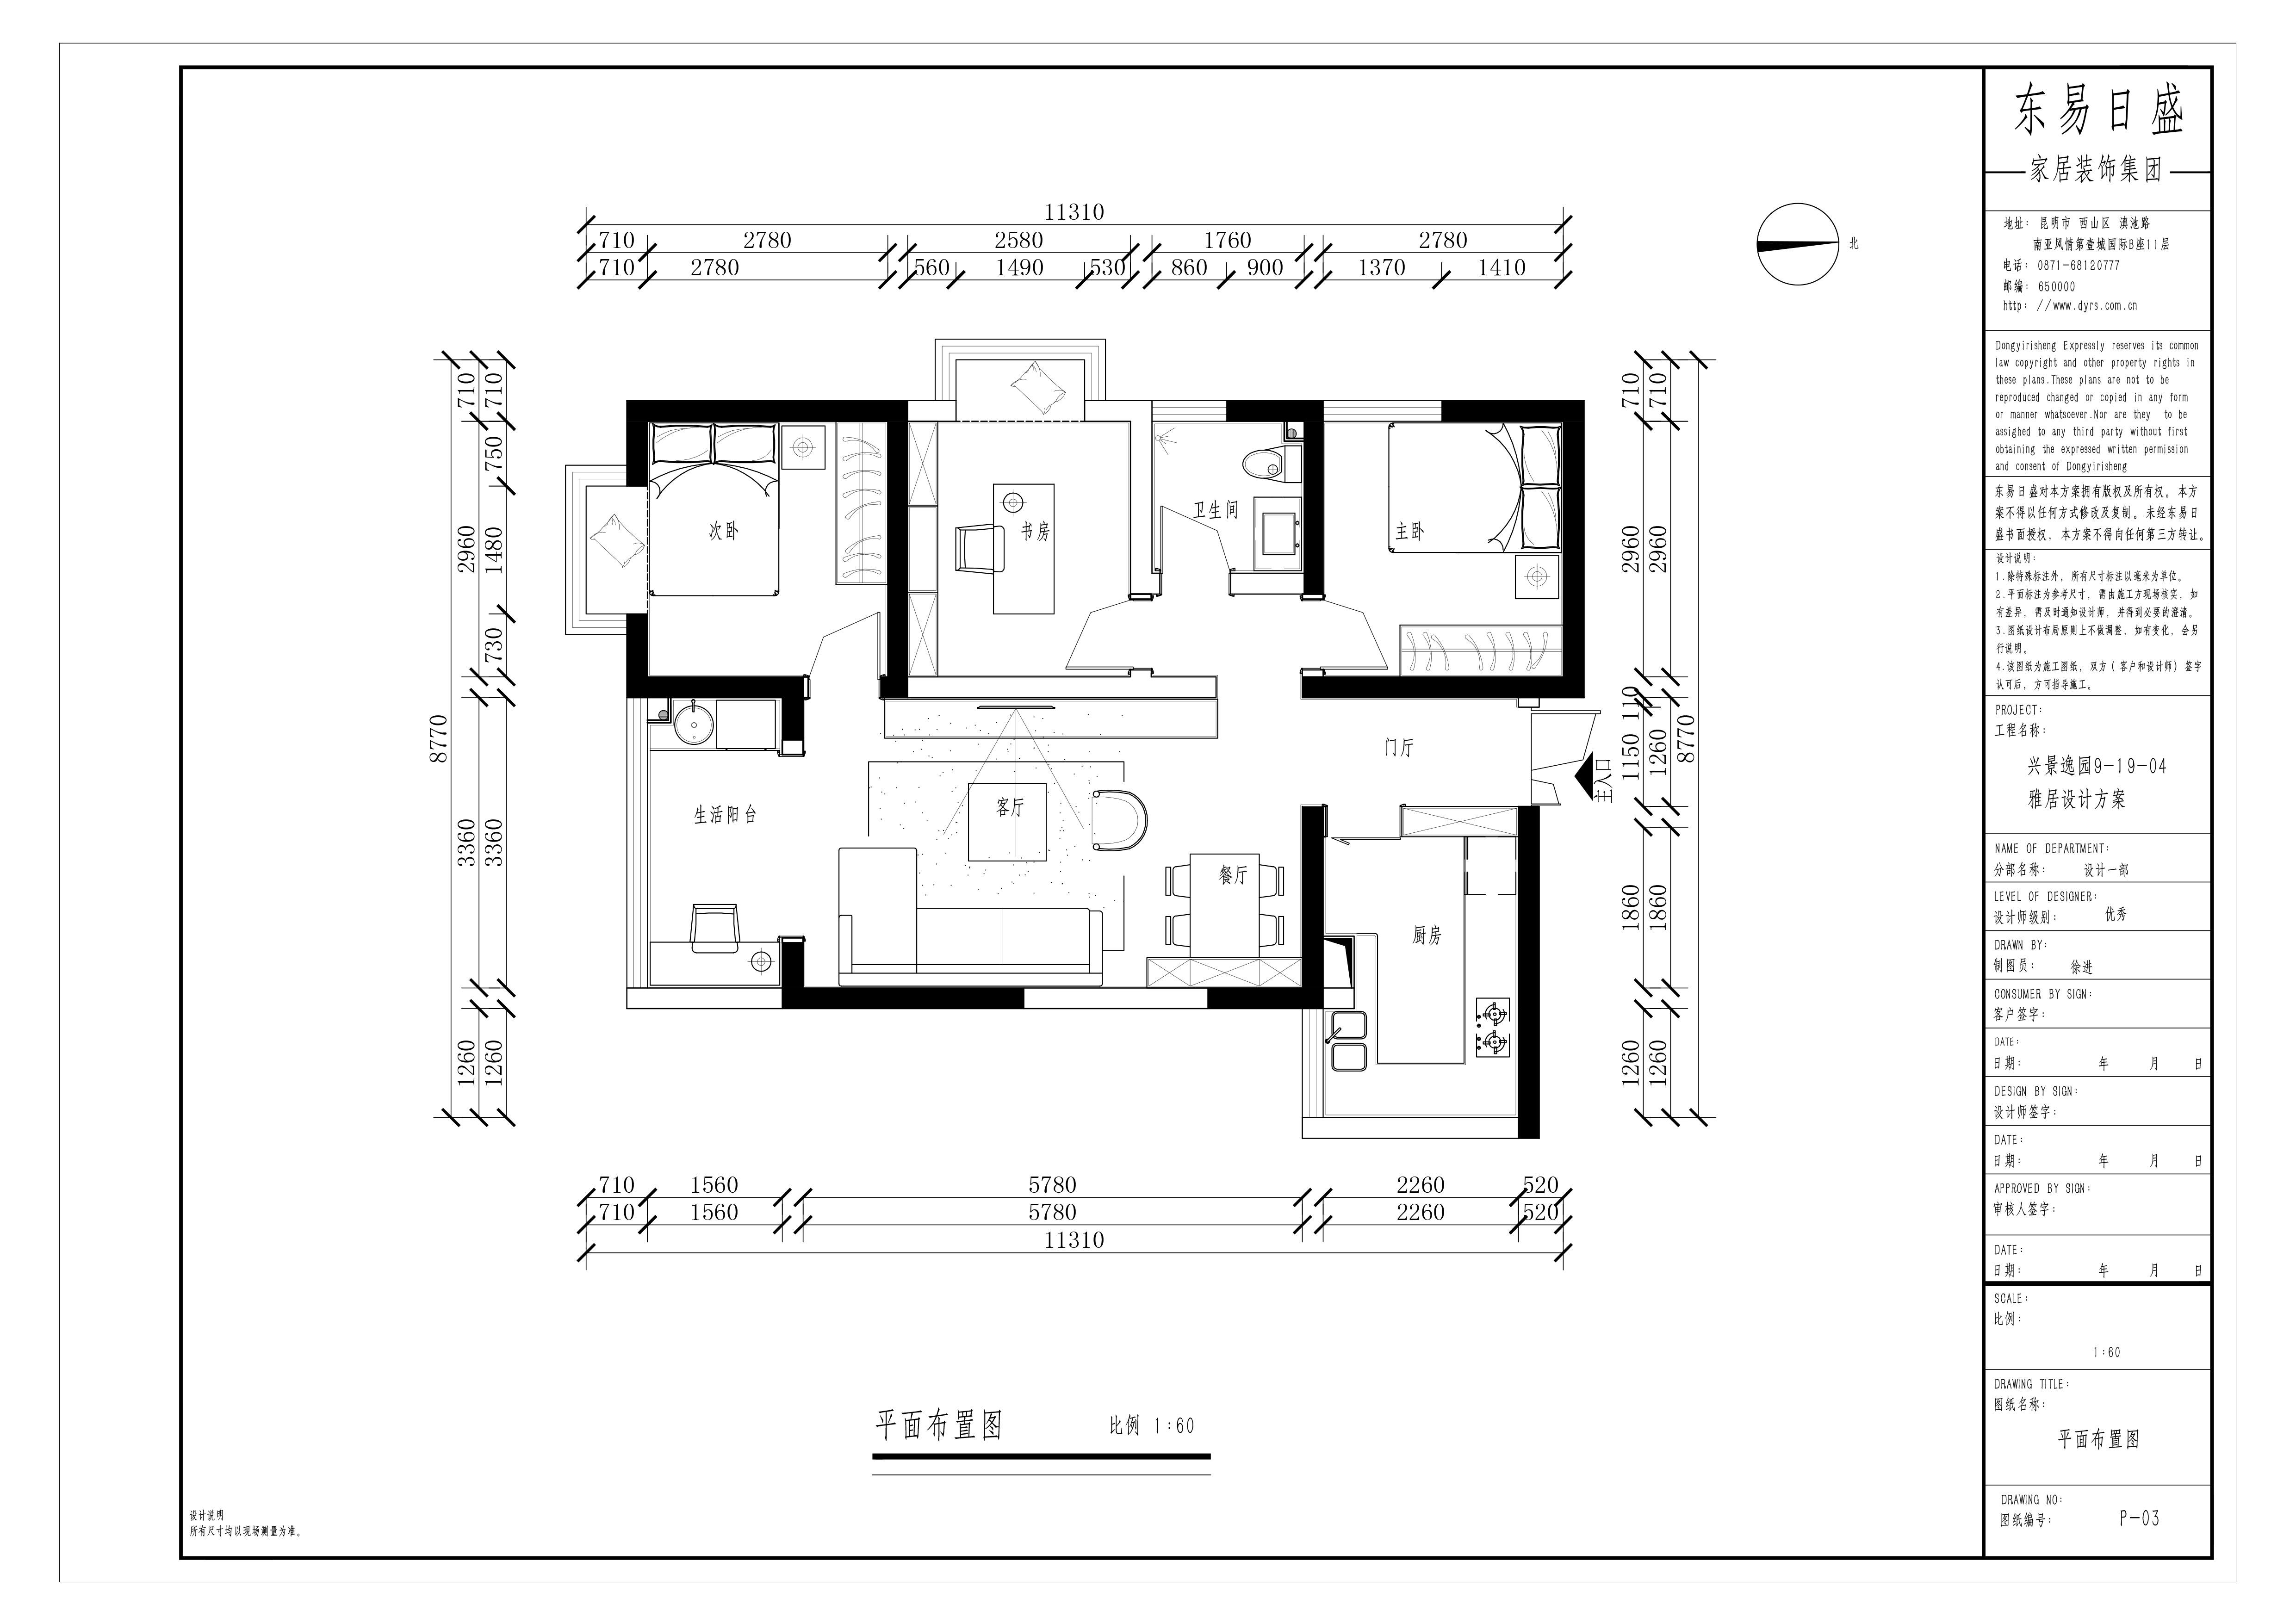 昆明兴景逸园88平米简欧装修风格效果图装修设计理念